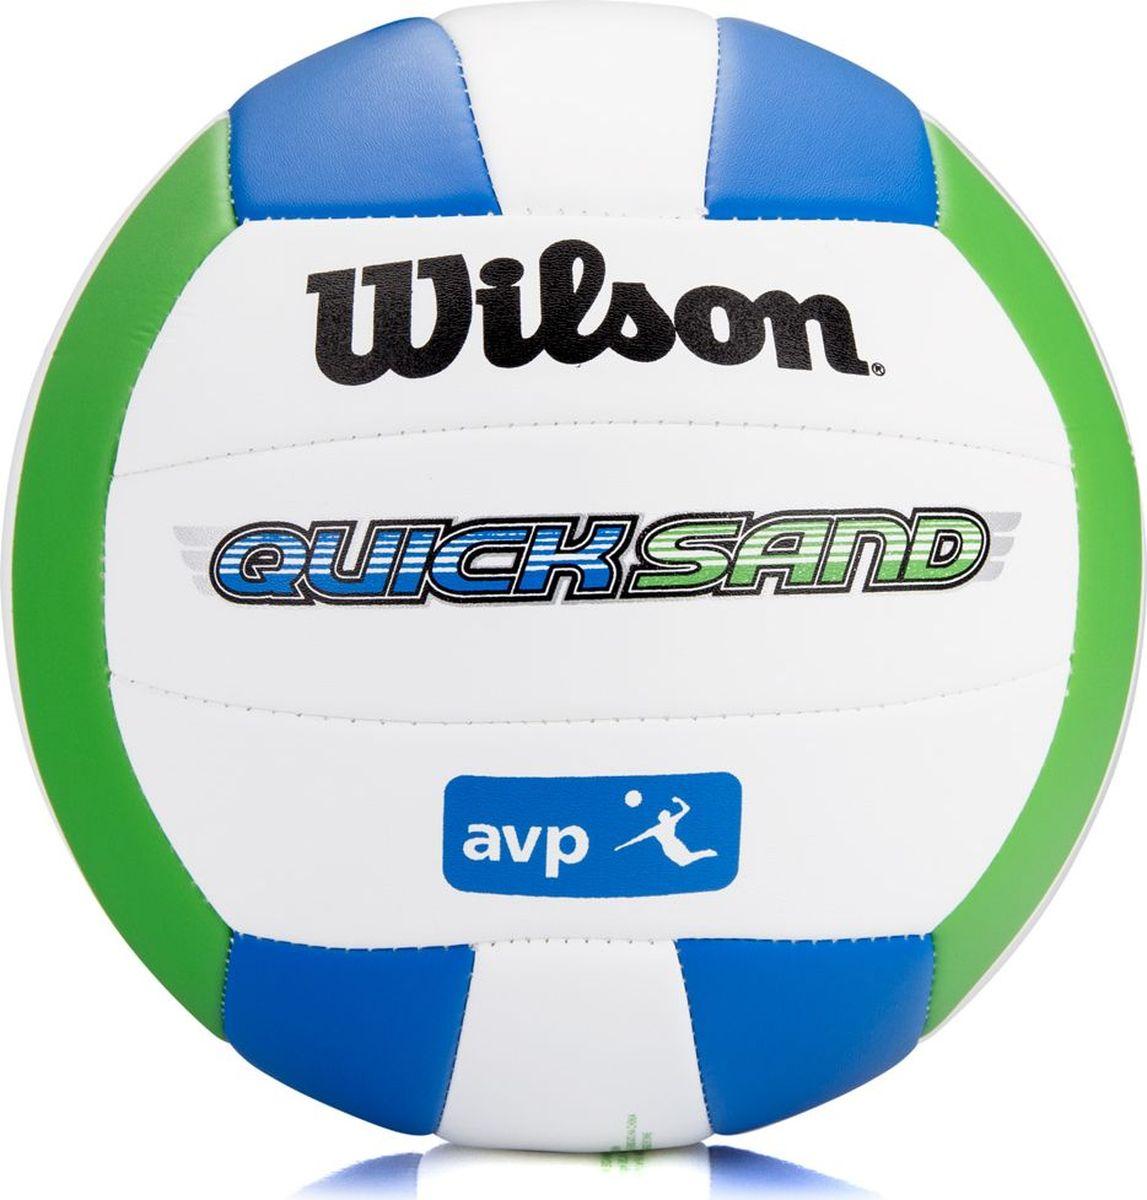 Мяч волейбольный Wilson AVP Hawaii, цвет: белый, голубойWTH4613XBГаваи теперь в Ваших руках. Внешний вид вдохновлен летней коллекцией Одежды Серфинг. Губковый кожаный материал, 18-панельная шовная конструкция.